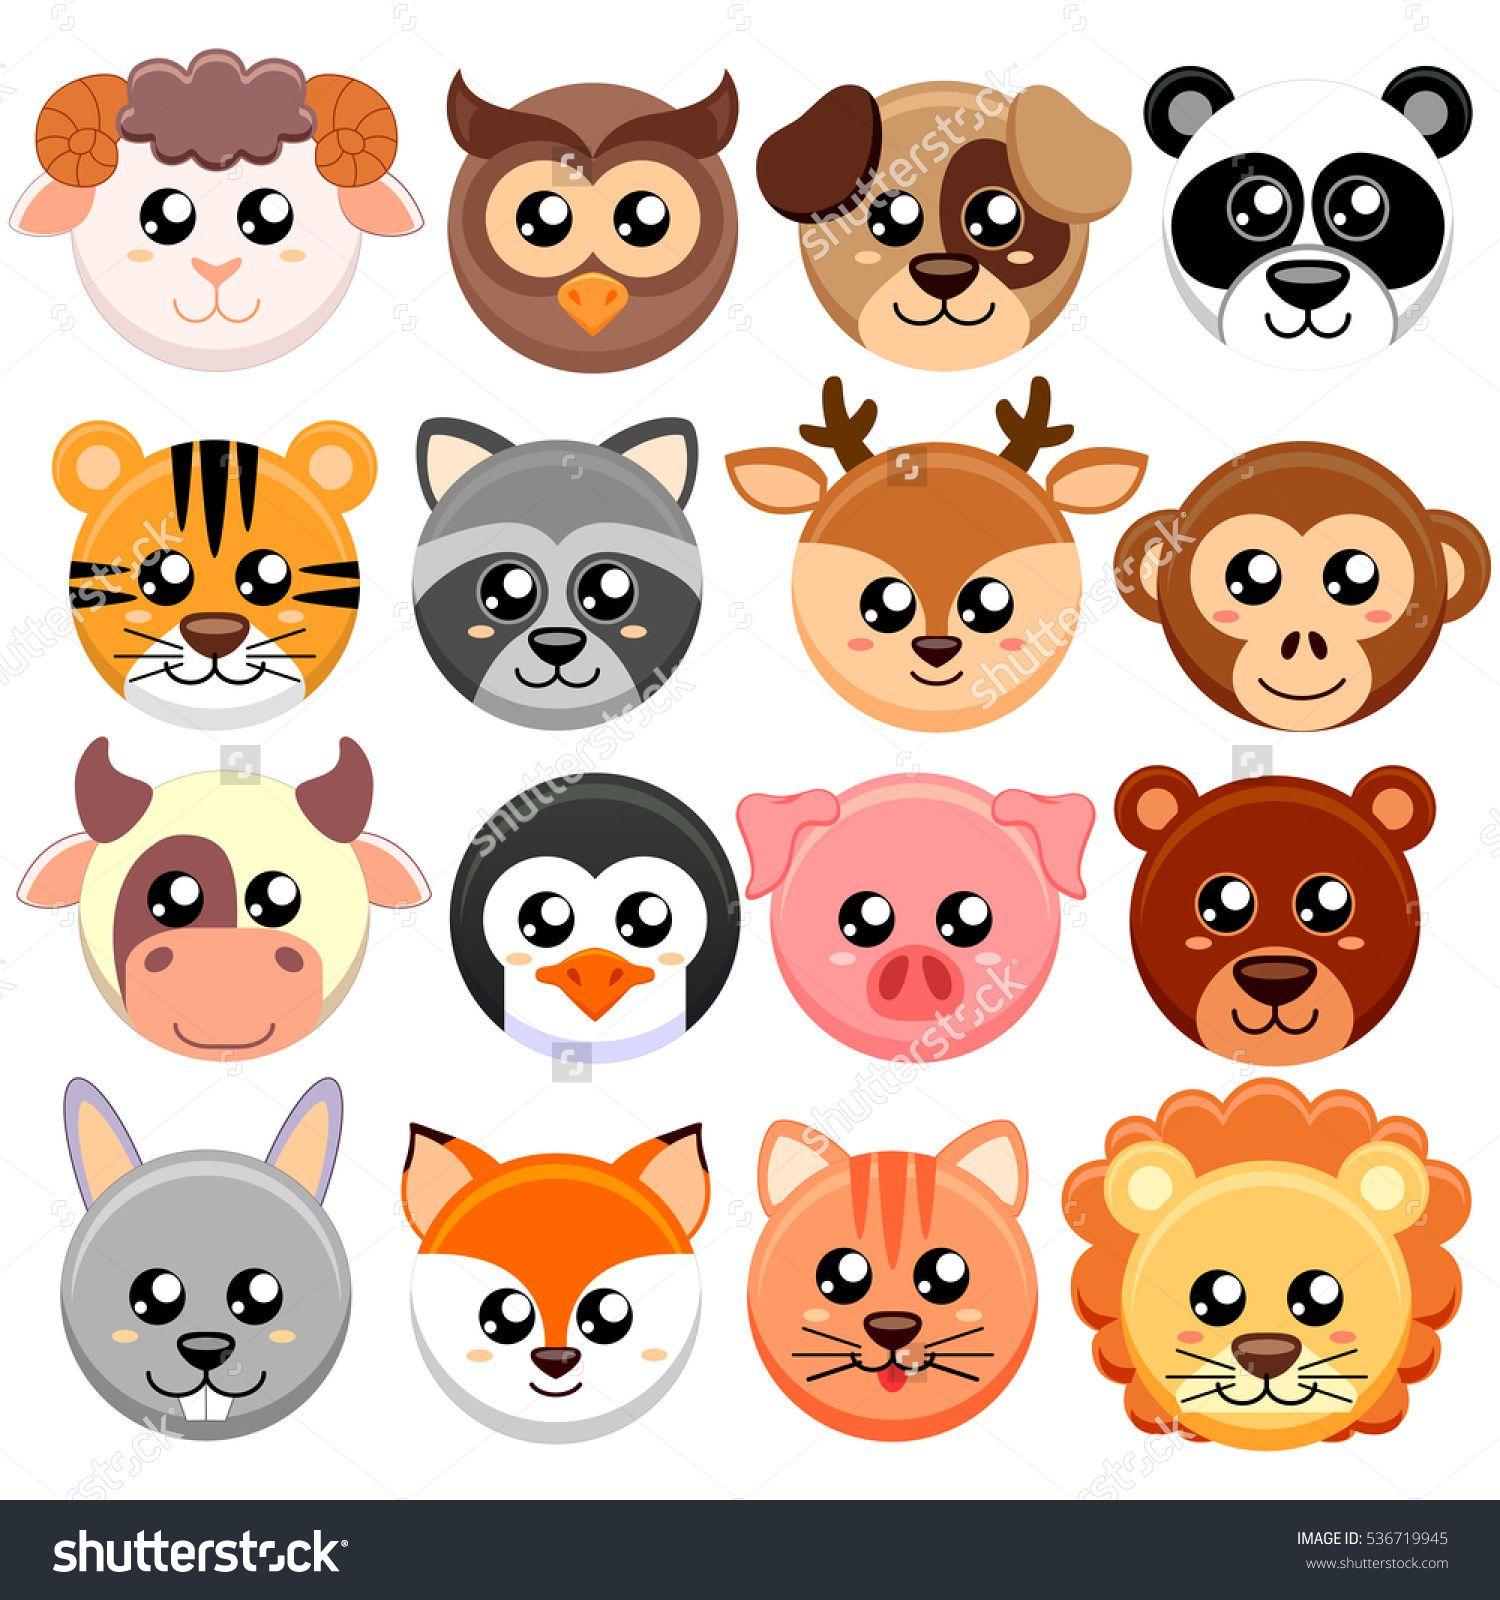 Cute Cartoon Animals Head Round Shape Bear Cat Dog Pig Rabbit Cow Deer Lion Sheep Tig Desenhos De Animais Fofos Cabeca De Desenho Rabiscos De Animais